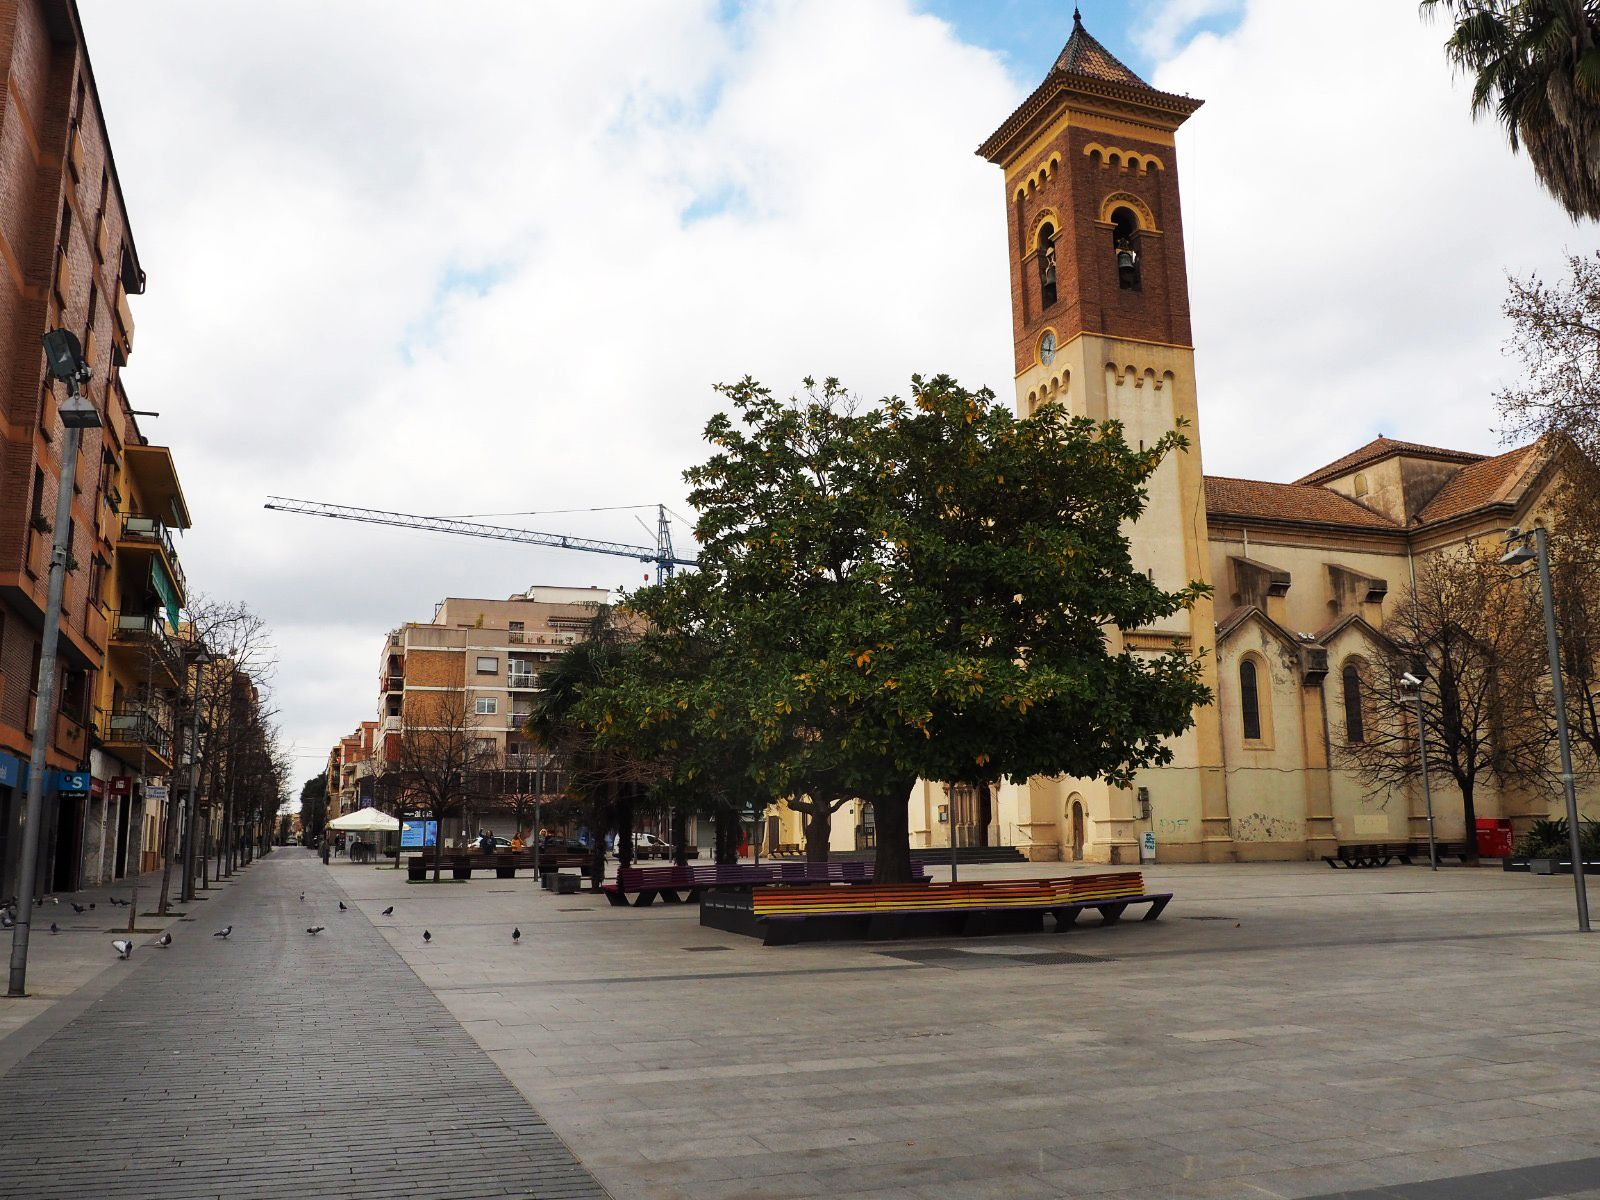 La plaça de l'Abat Oliba buida el diumenge 15 de març. FOTO: Mónica García Moreno